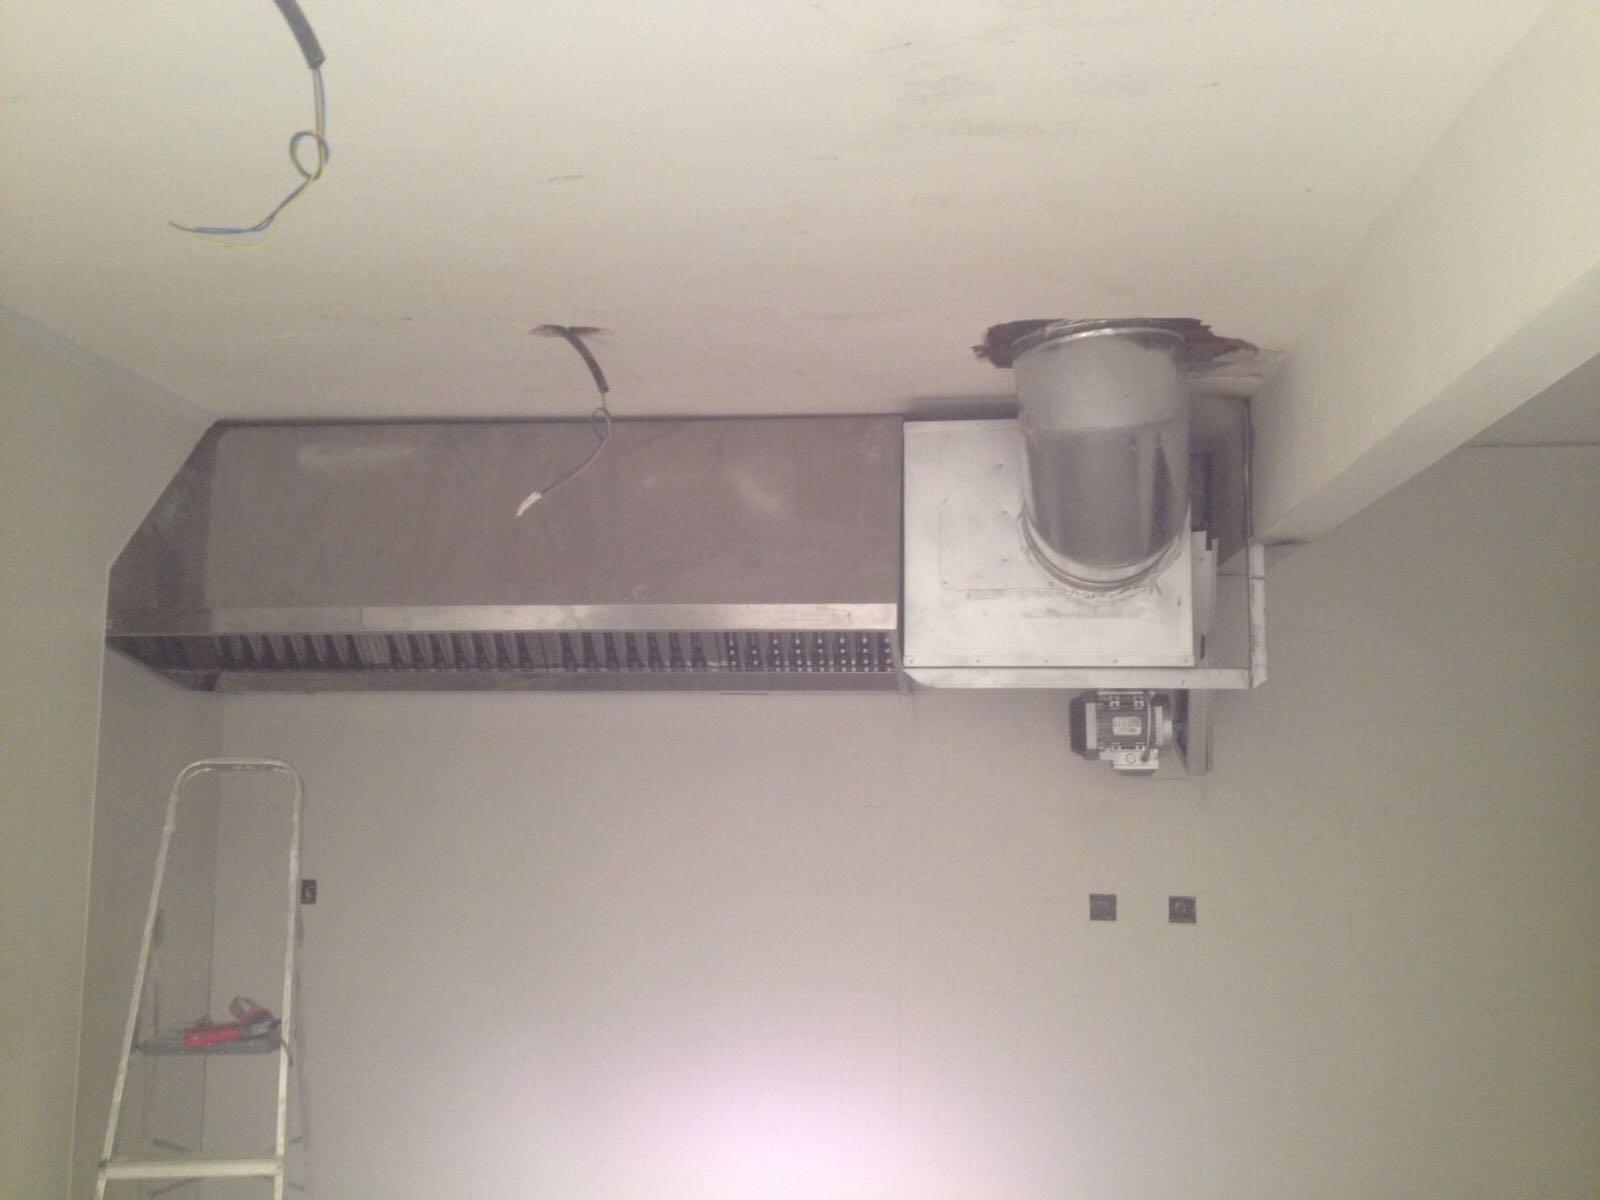 Salida de gases humos y aire de locales talleres taller de chapa bares restaurantes - Extractor humos cocina ...